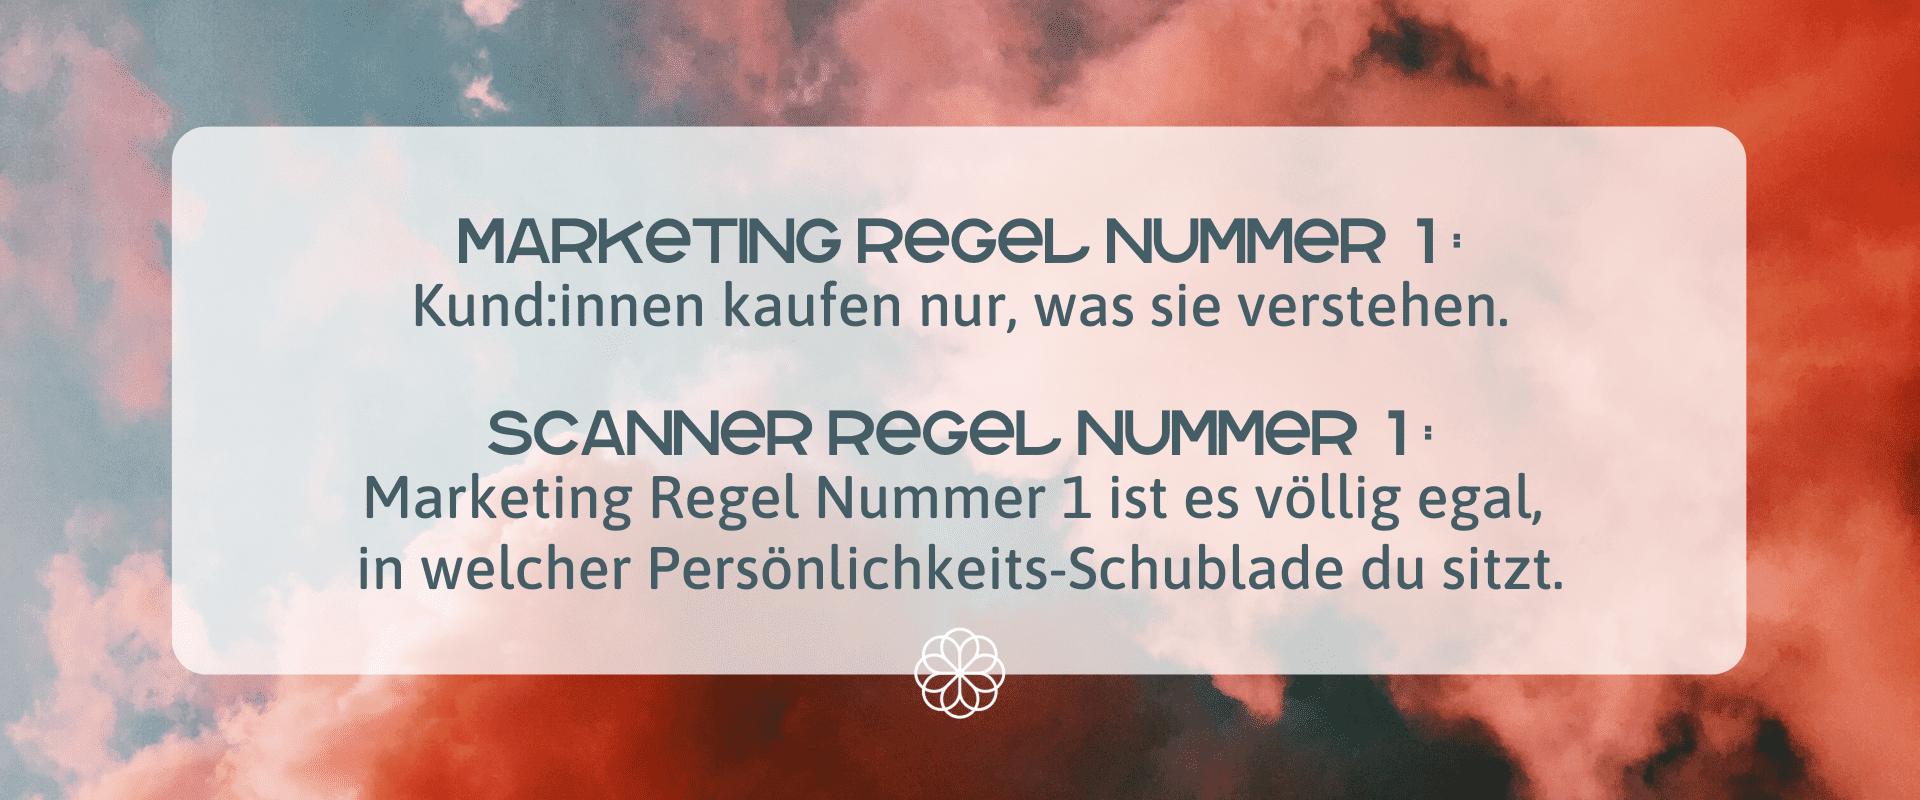 Marketing Regel für Scanner